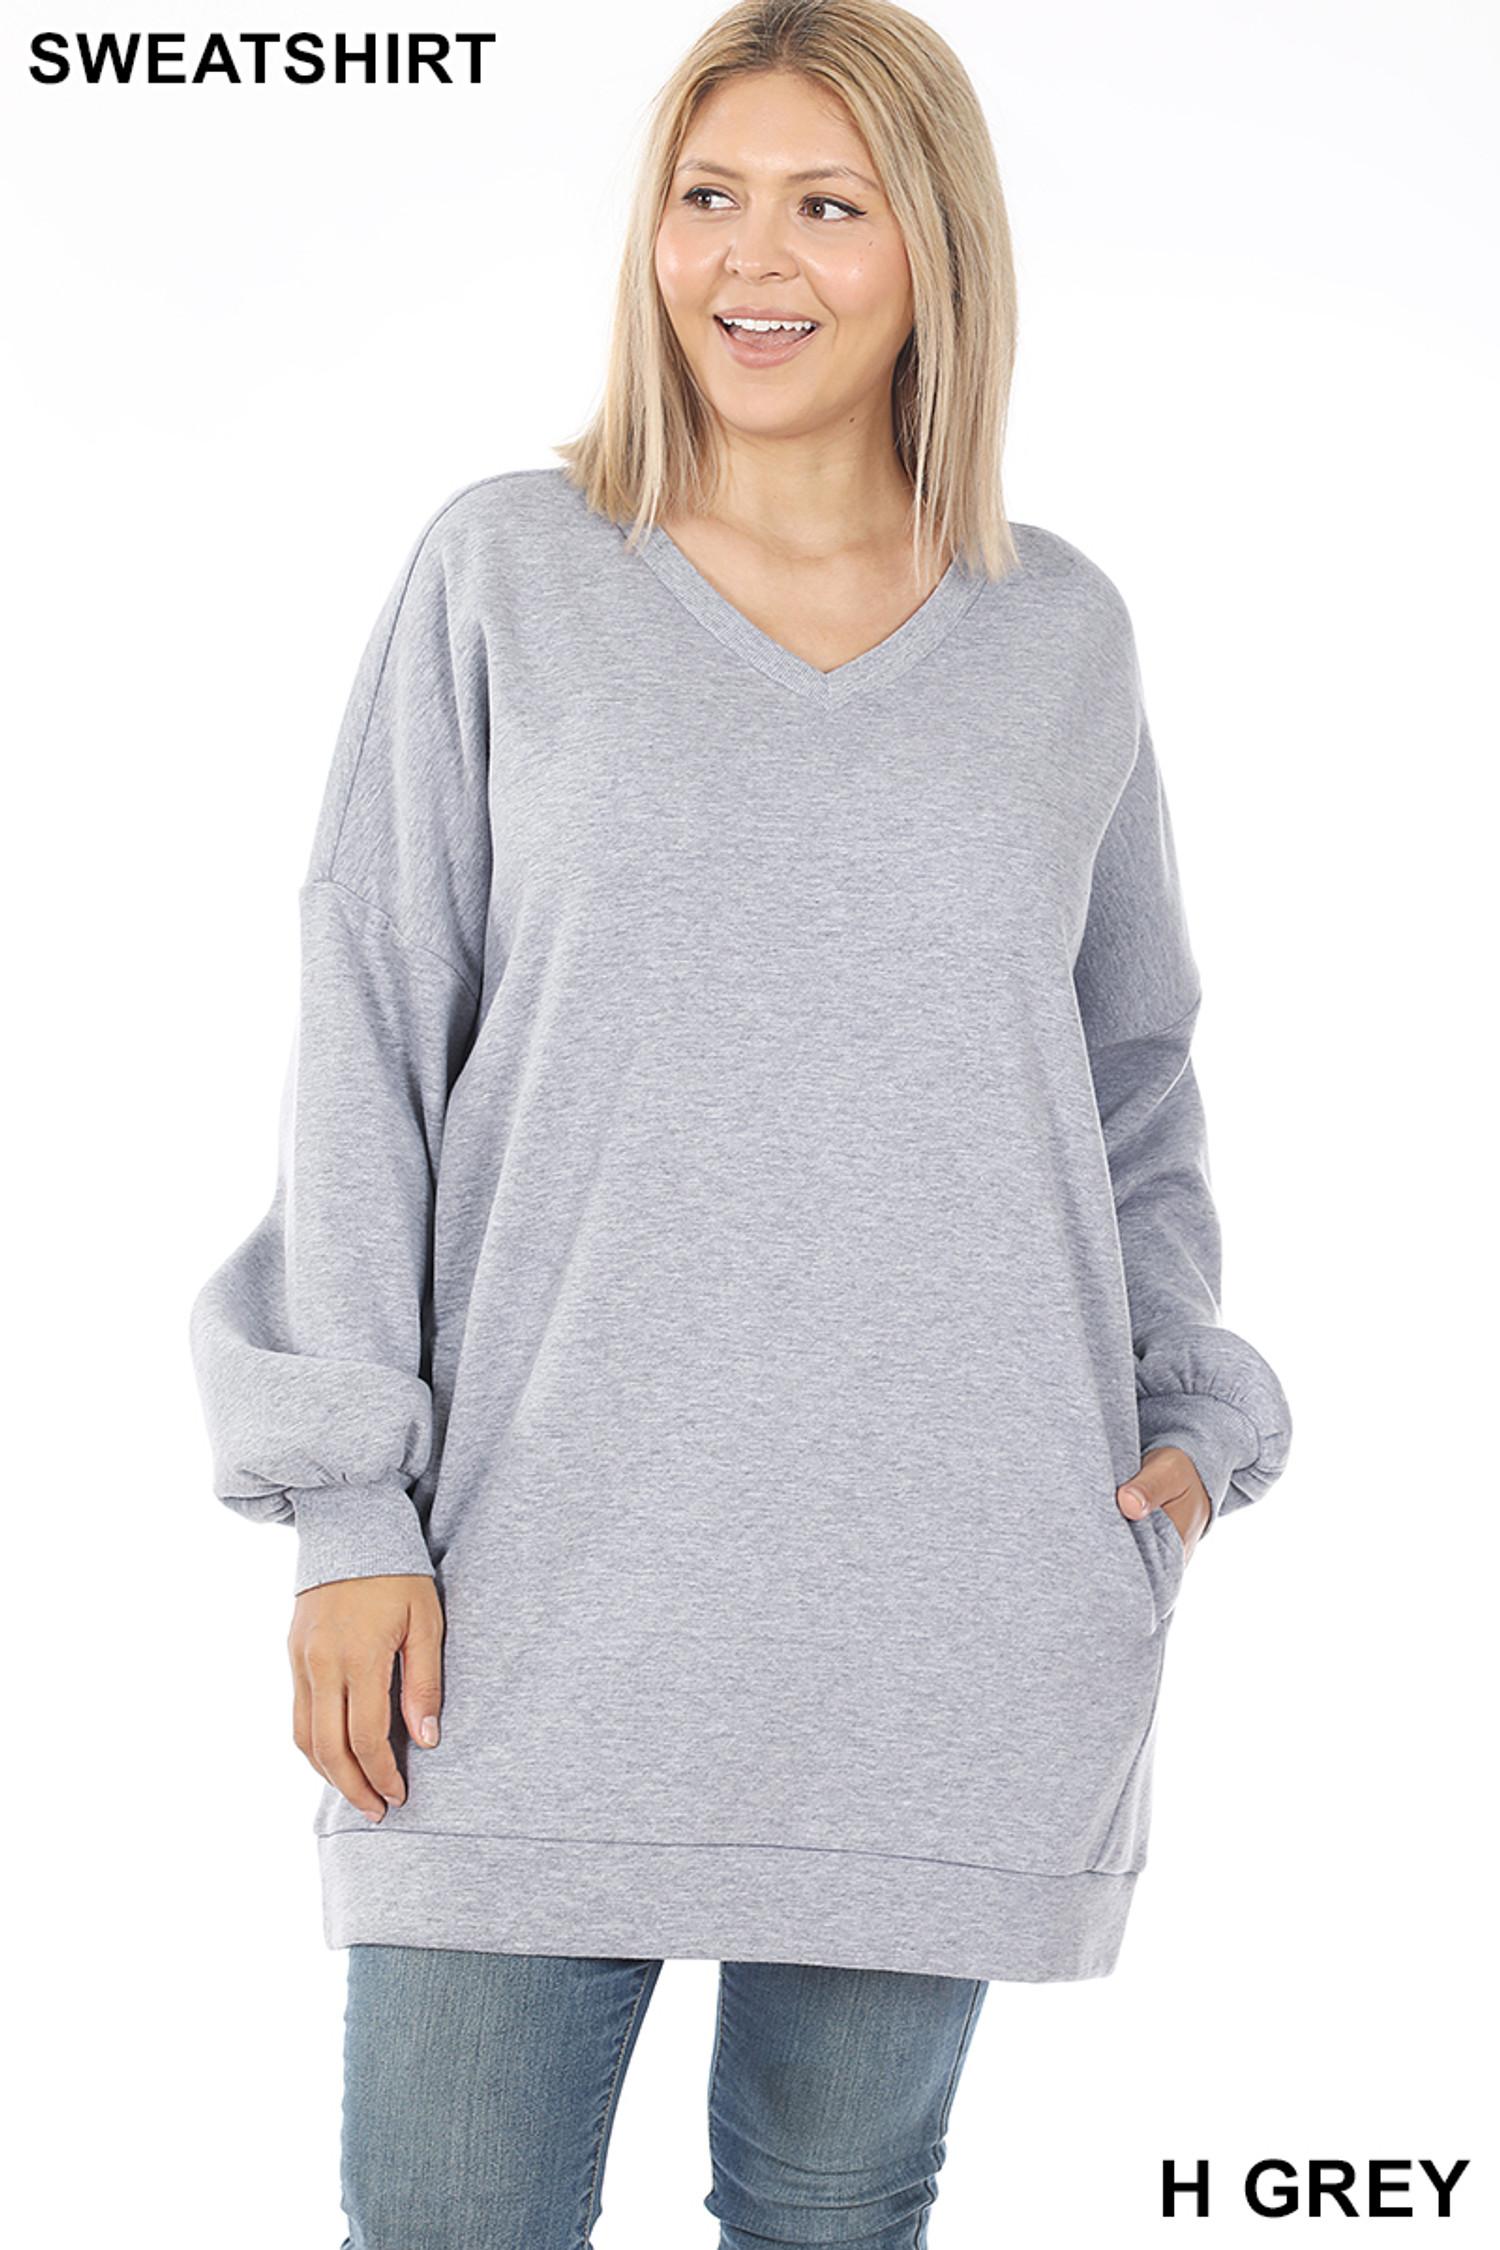 Front image of Heather Grey Black Oversized V-Neck Longline Plus Size Sweatshirt with Pockets